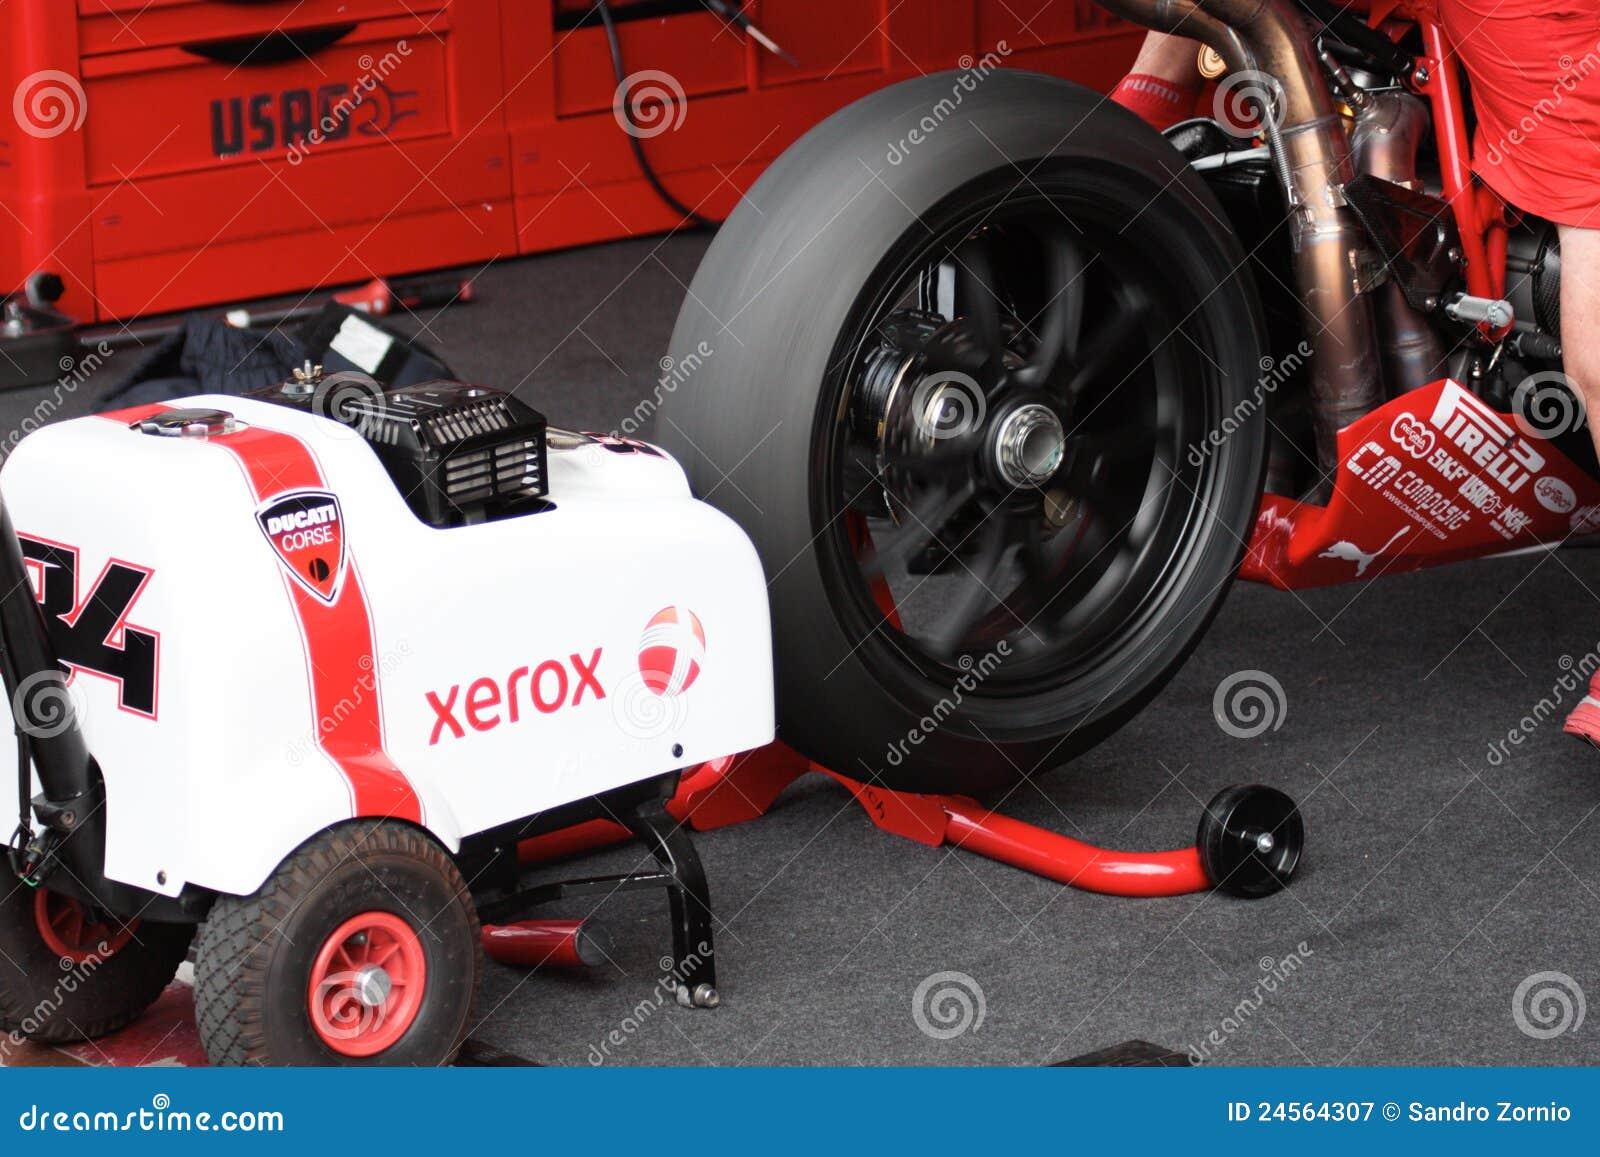 Starting Engine Ducati 1998 Xerox team